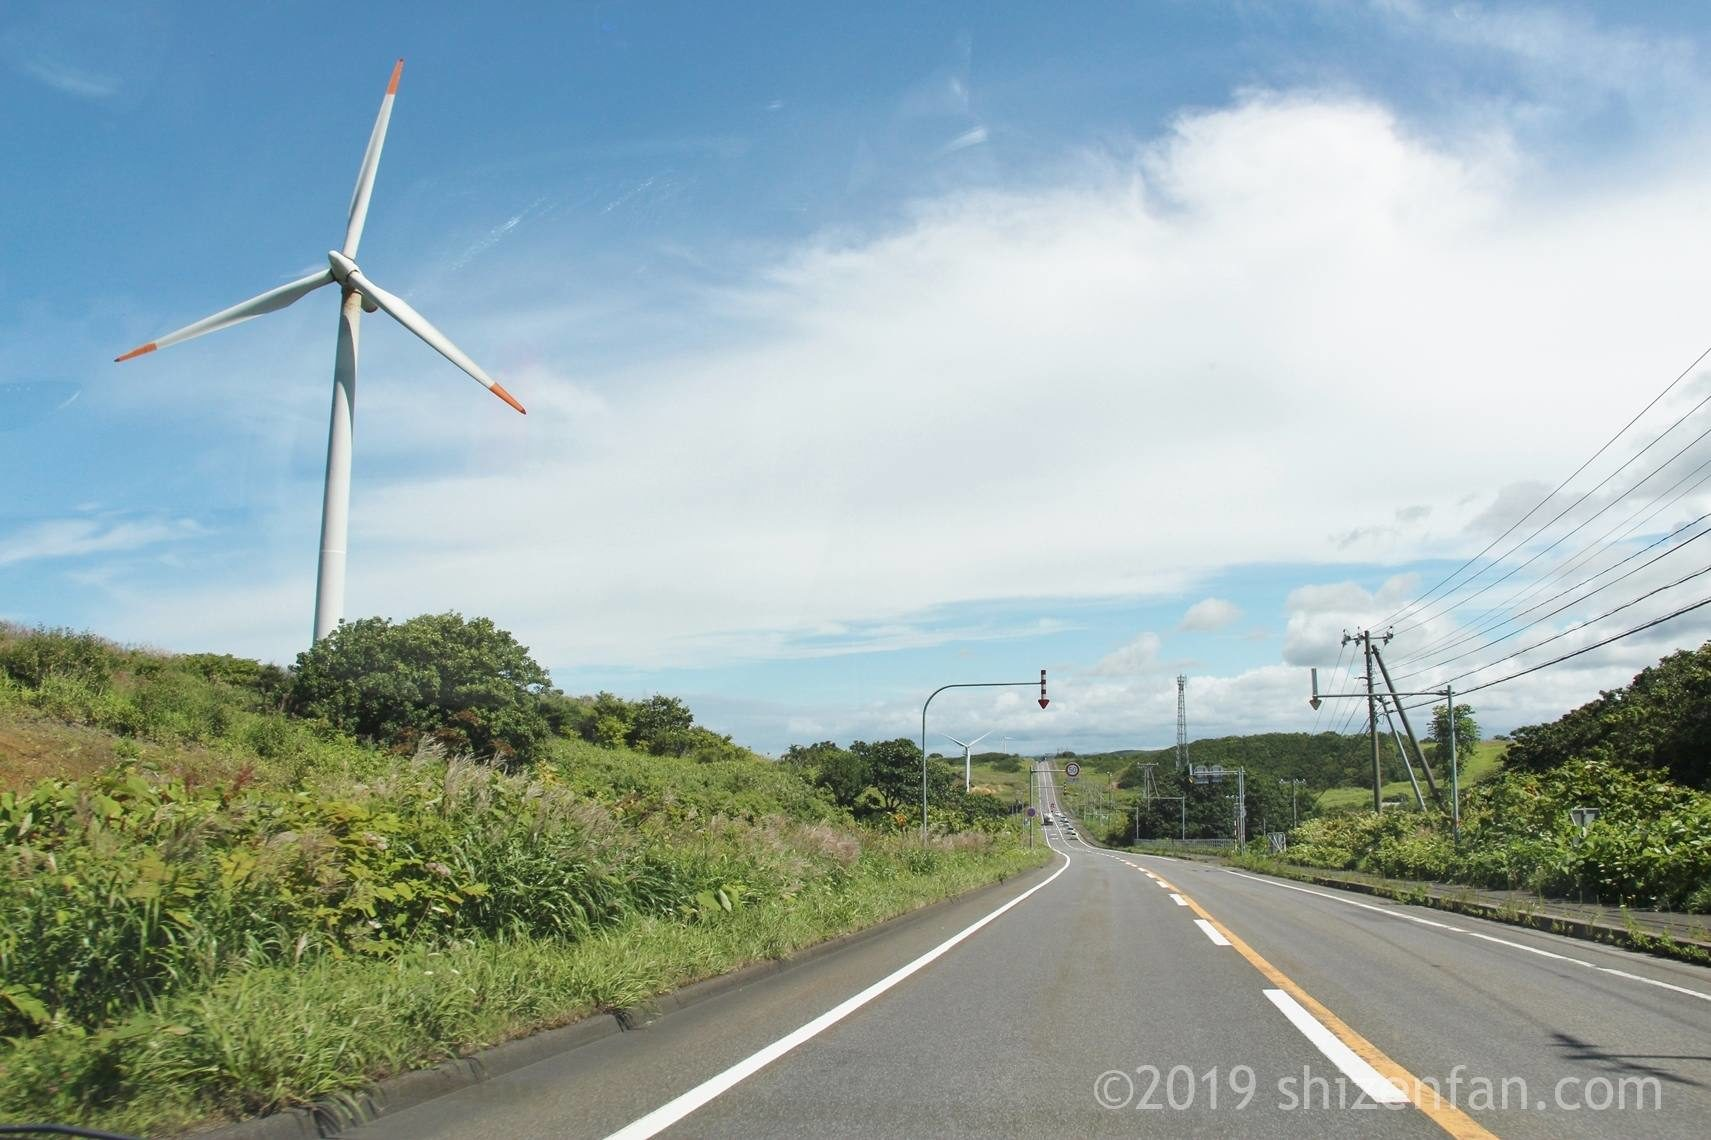 萌える天北オロロンルートと風車、日本海オロロンライン